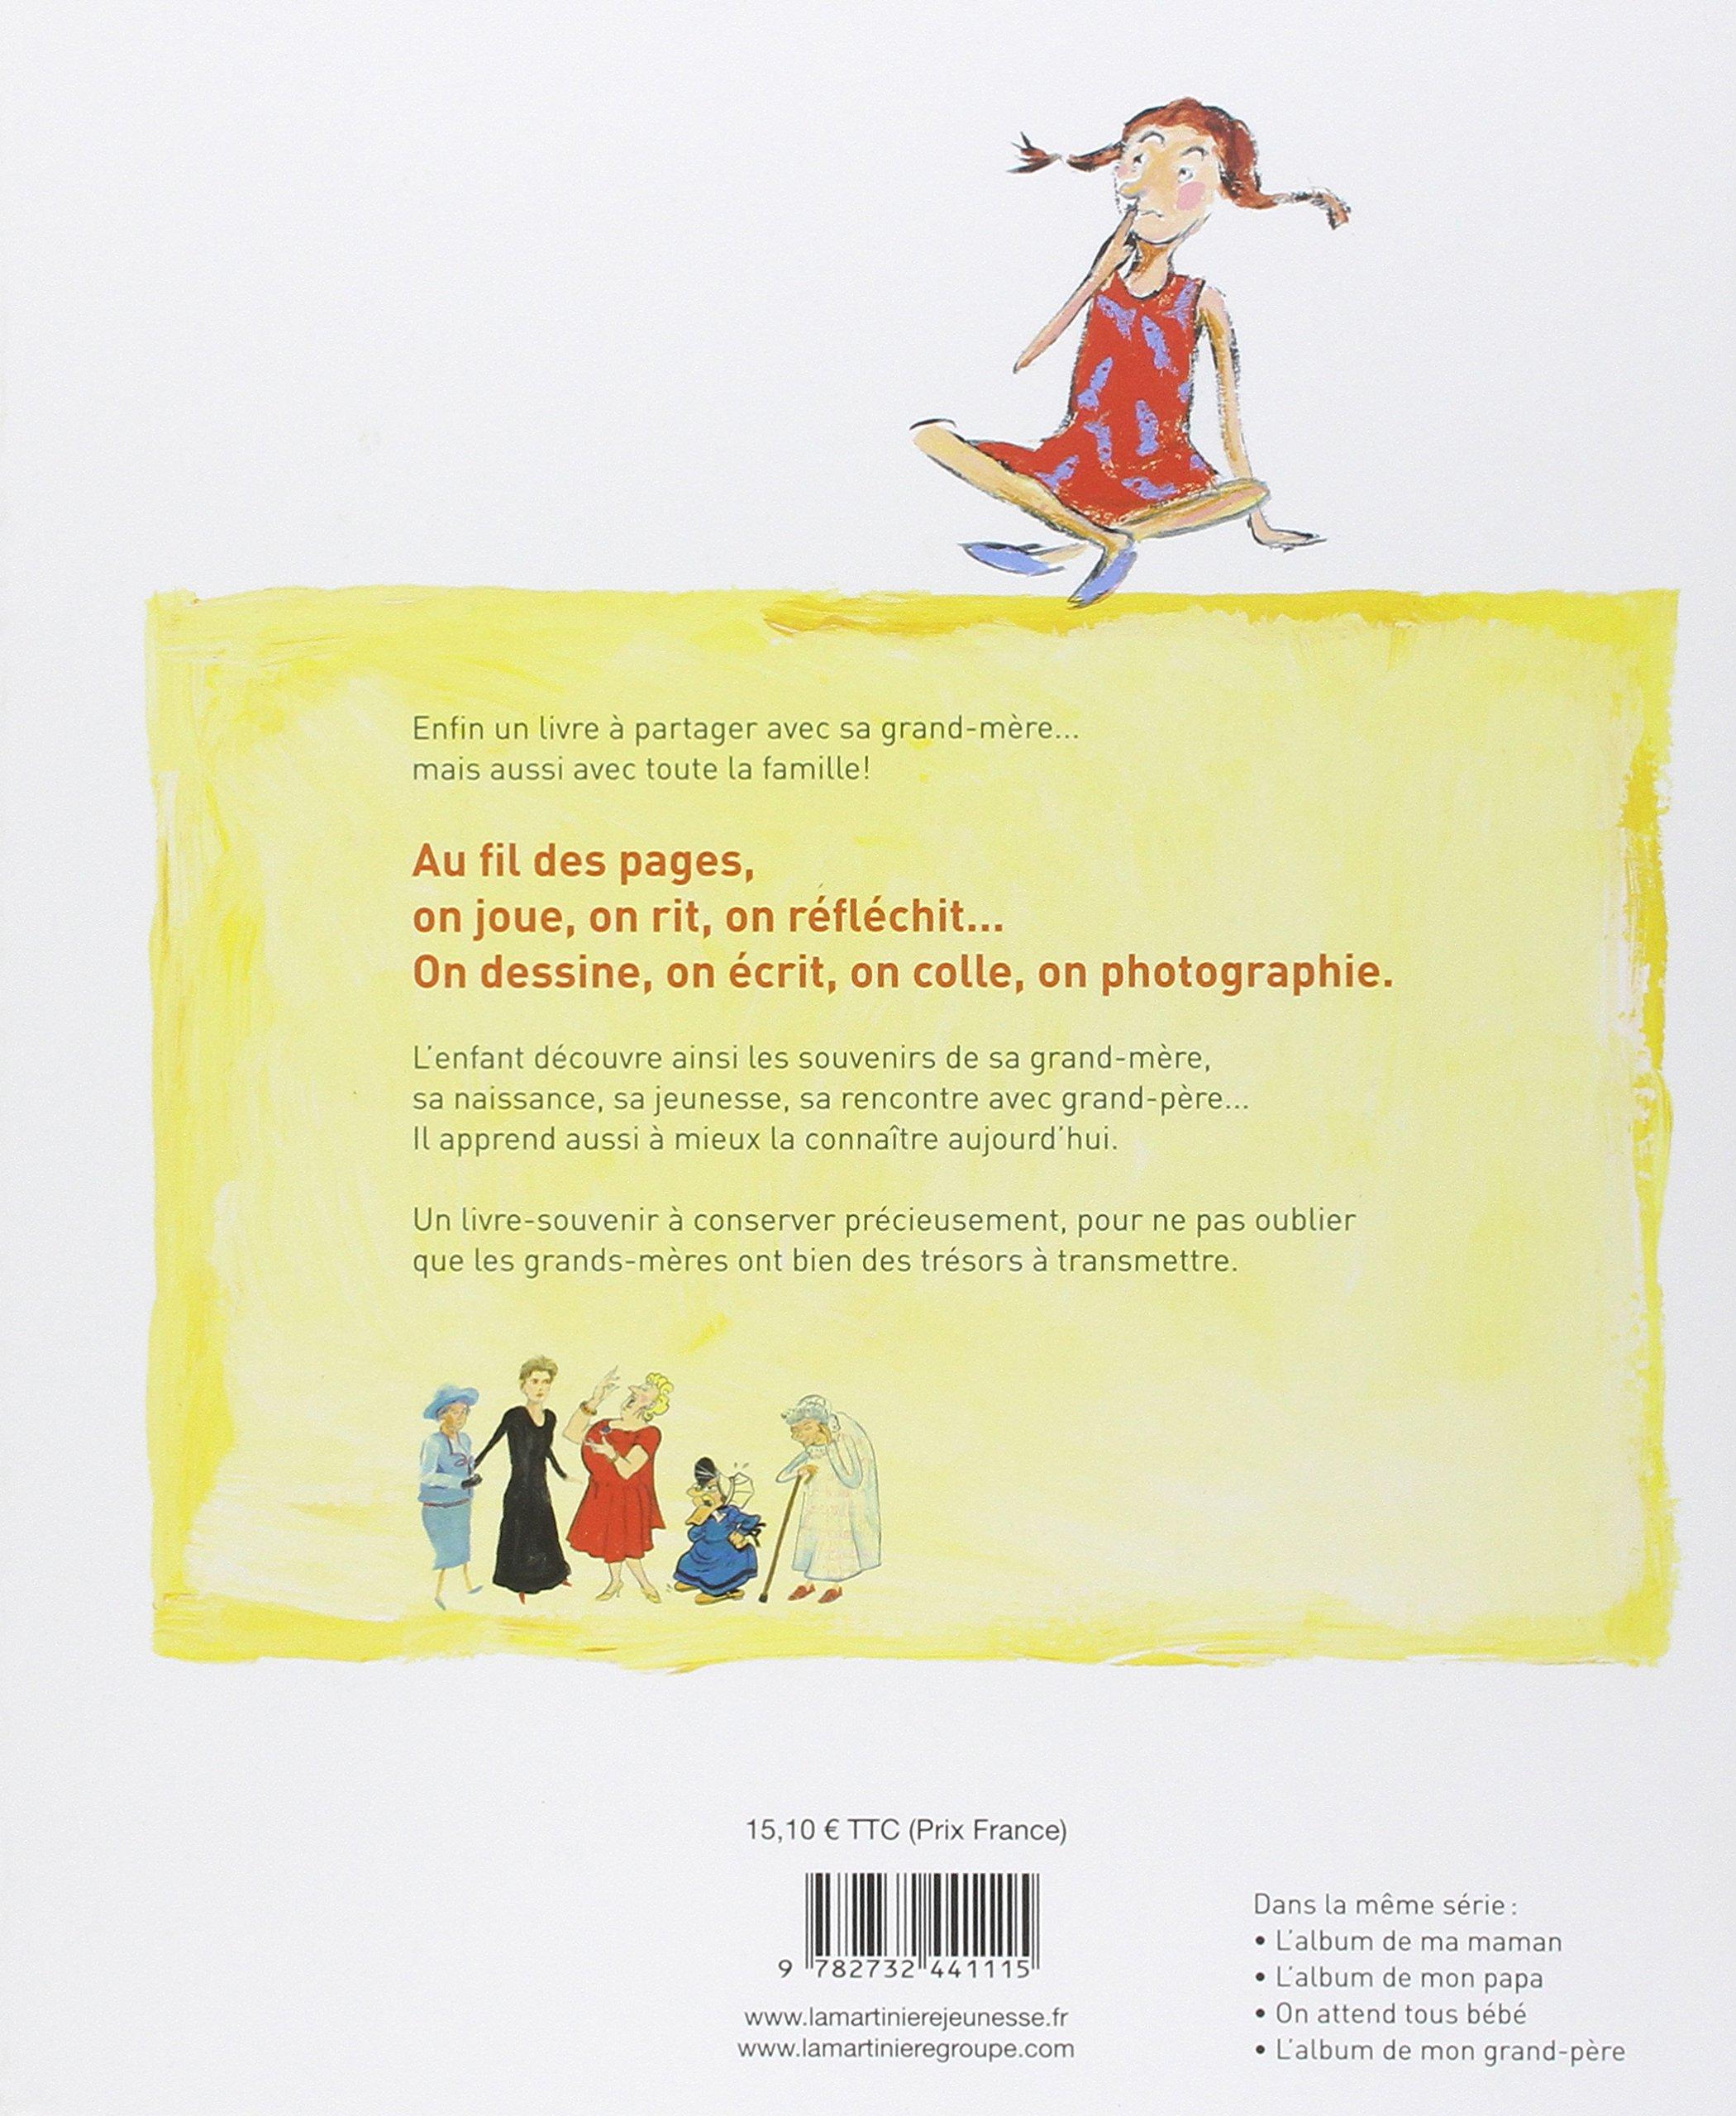 Album de ma grand-mère (L') [nouvelle édition]: Diane Barbara, Dominique Beccaria: 9782732441115: Books - Amazon.ca